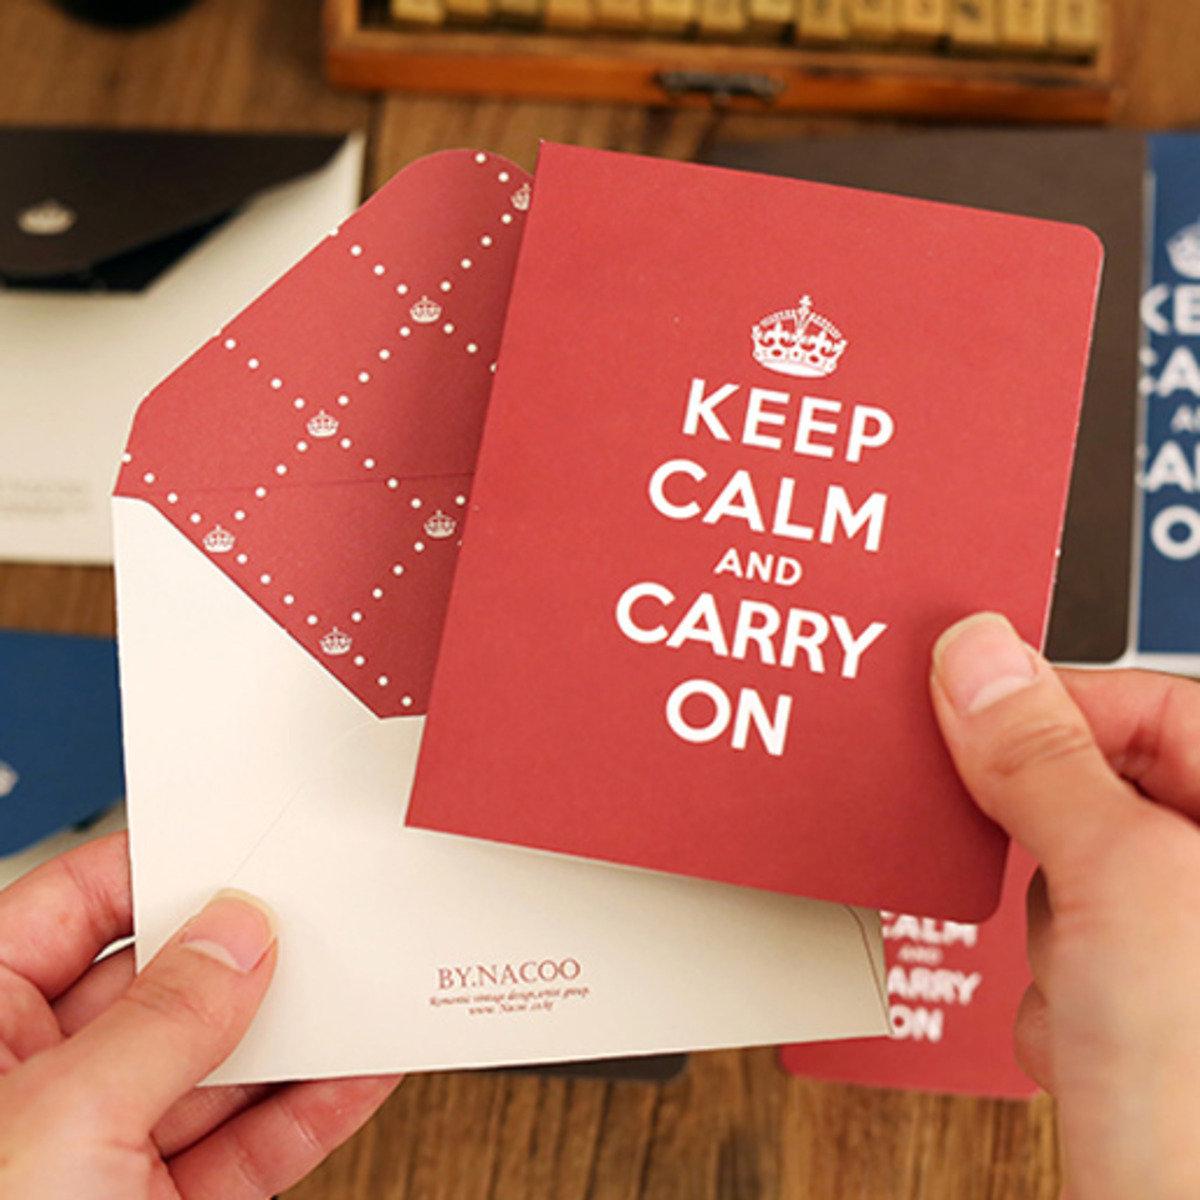 卡,信封,小卡套裝 05 Carry on_nacoo_16964